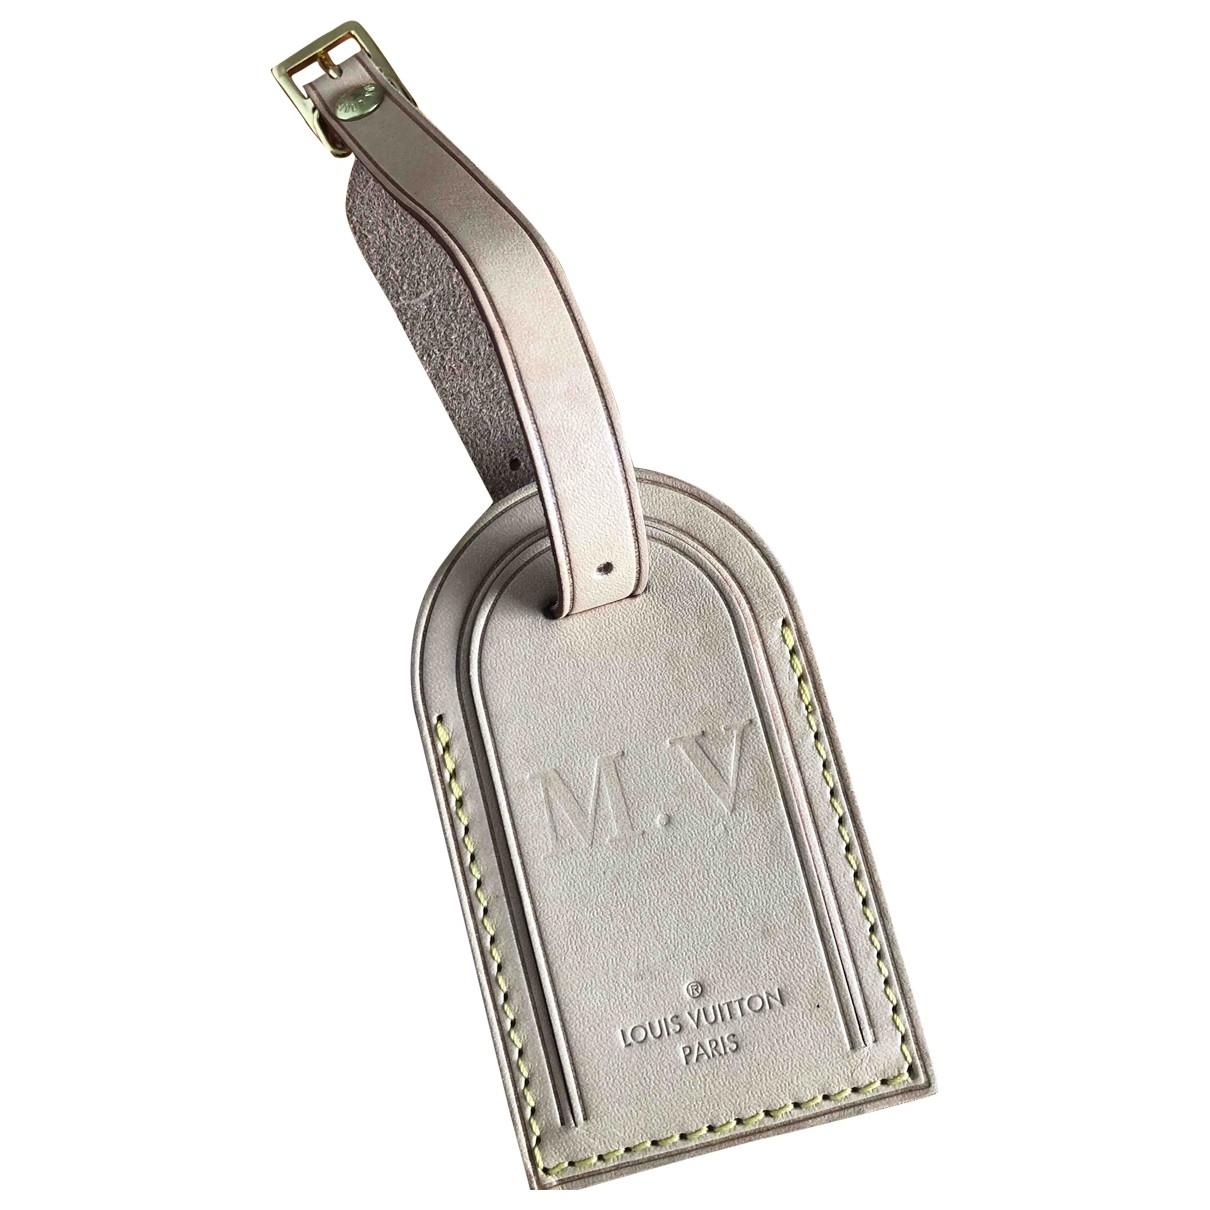 Louis Vuitton Porte adresse Kleinlederwaren in  Beige Leder